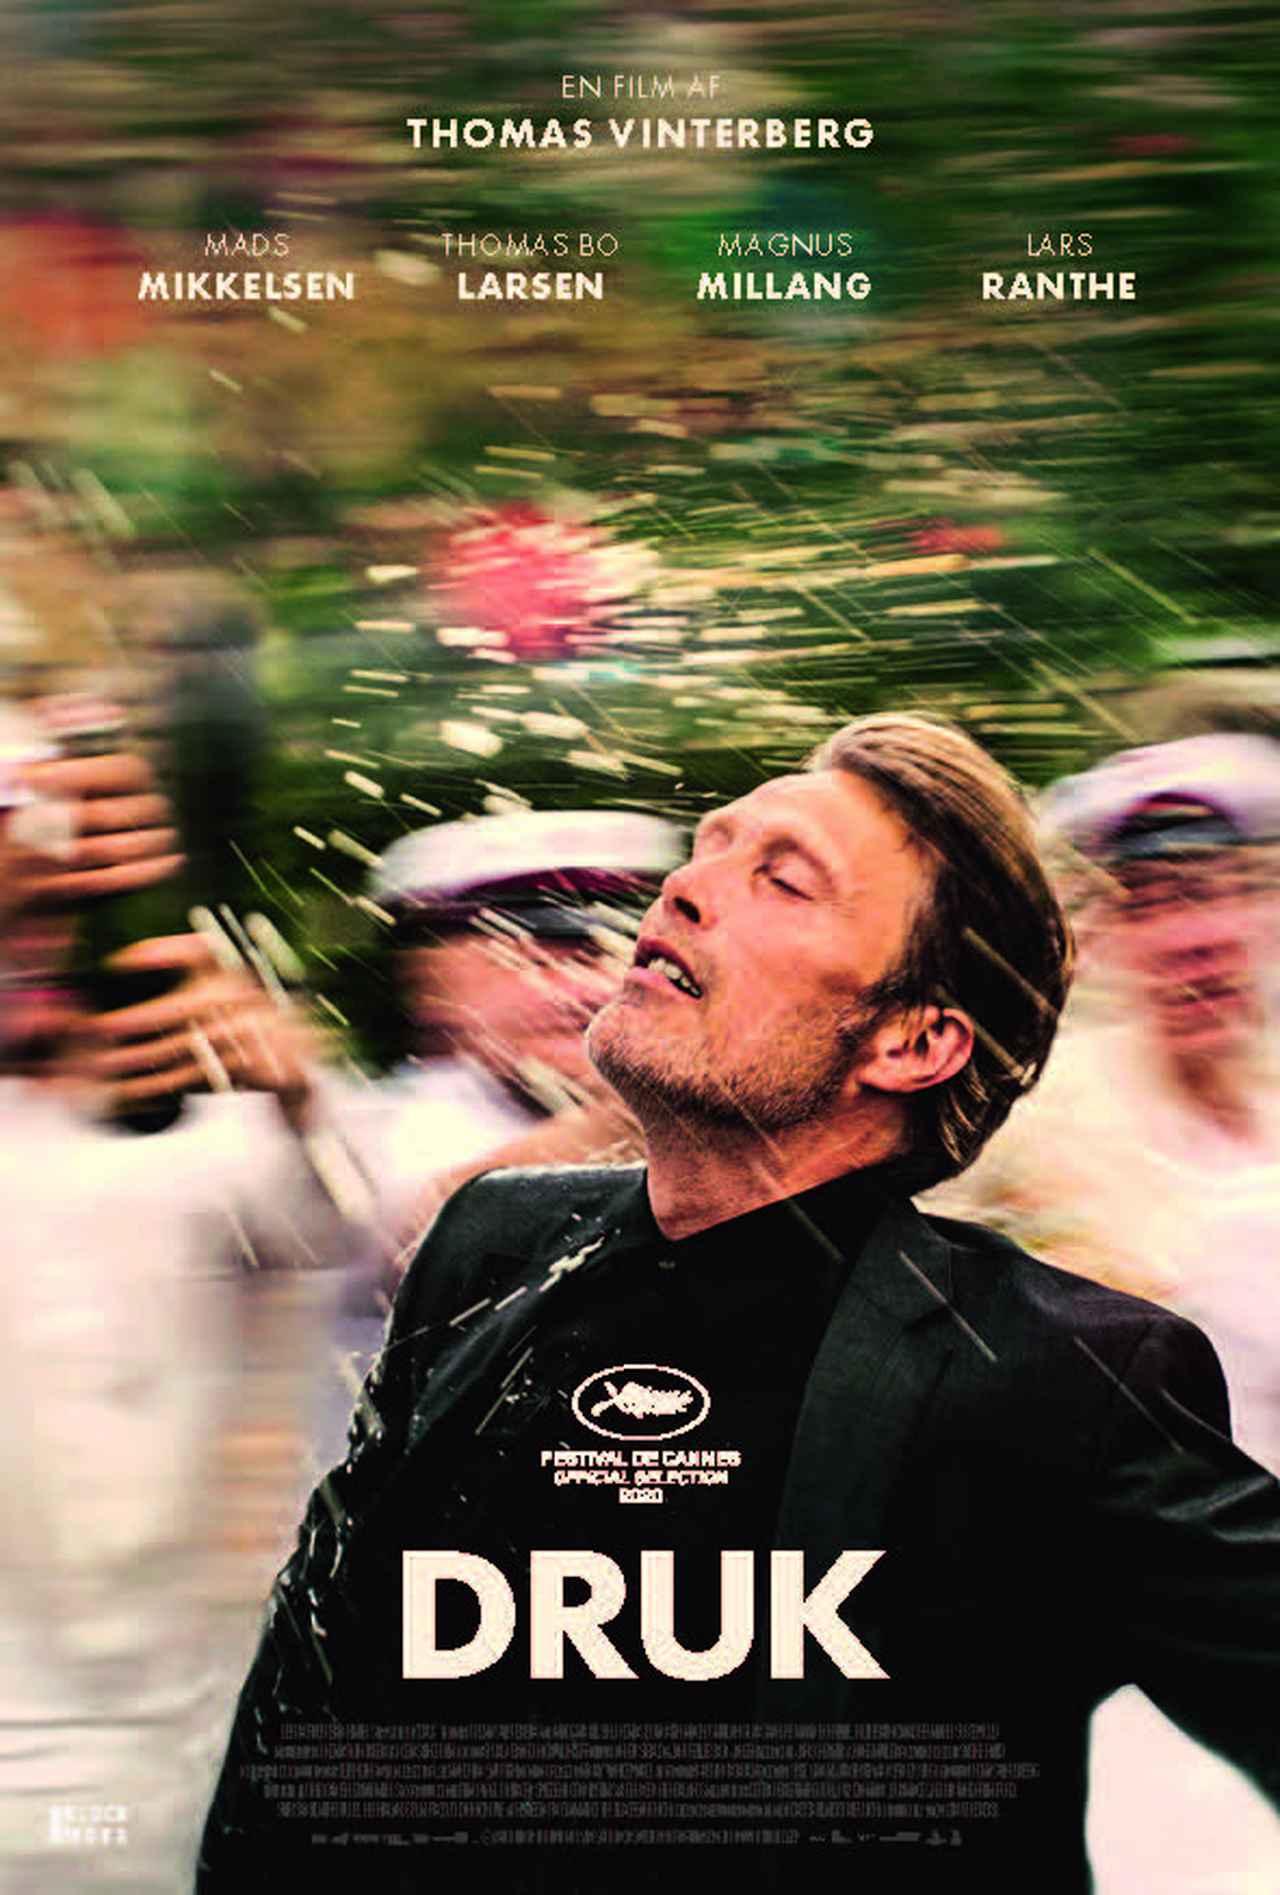 画像1: 久住昌之、小宮山雄飛、森直人が「お酒と映画」をたっぷり語った!『アナザ―ラウンド』公開記念オンライントークイベントが実施